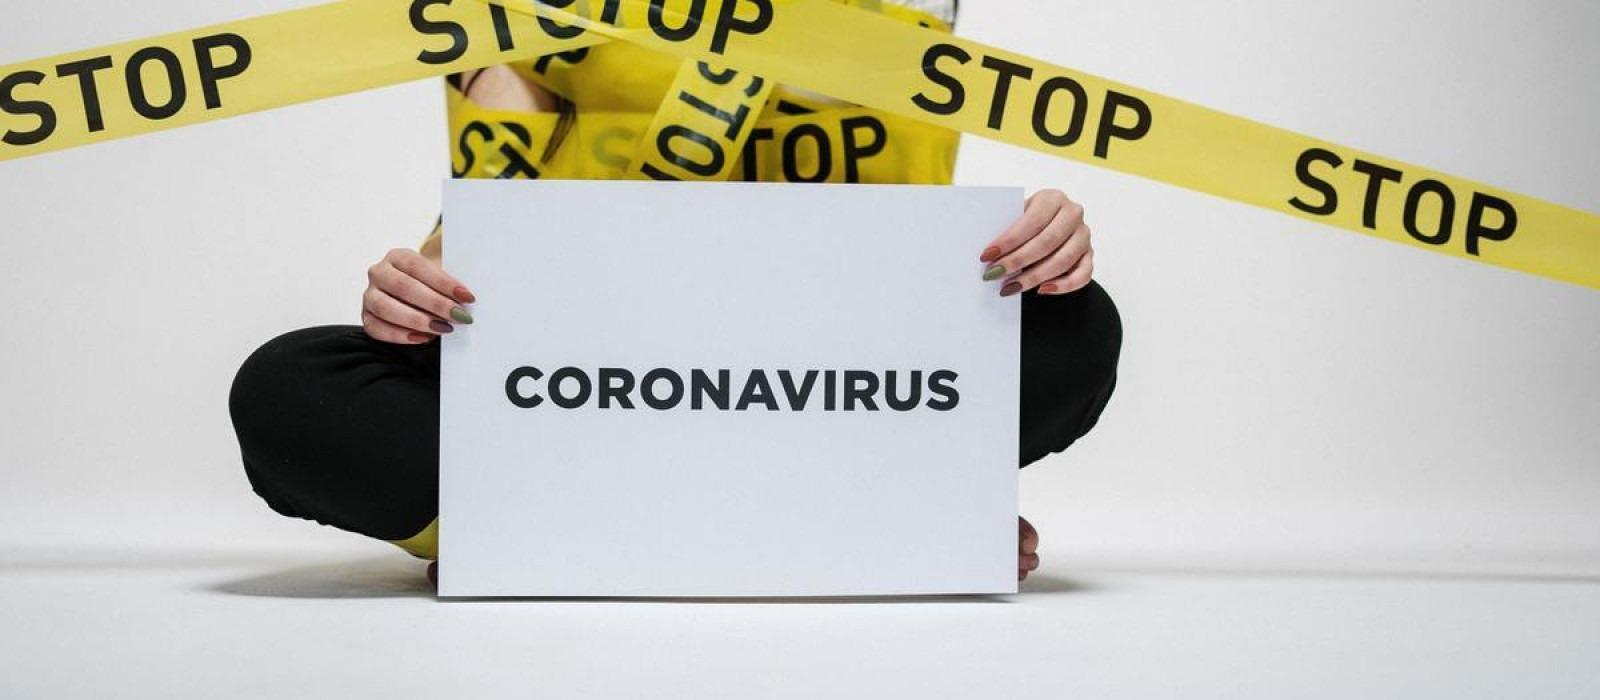 Αντόνιο Γκουτέρες: «Τα ανθρώπινα δικαιώματα δοκιμάζονται από τον κορωνοϊό»